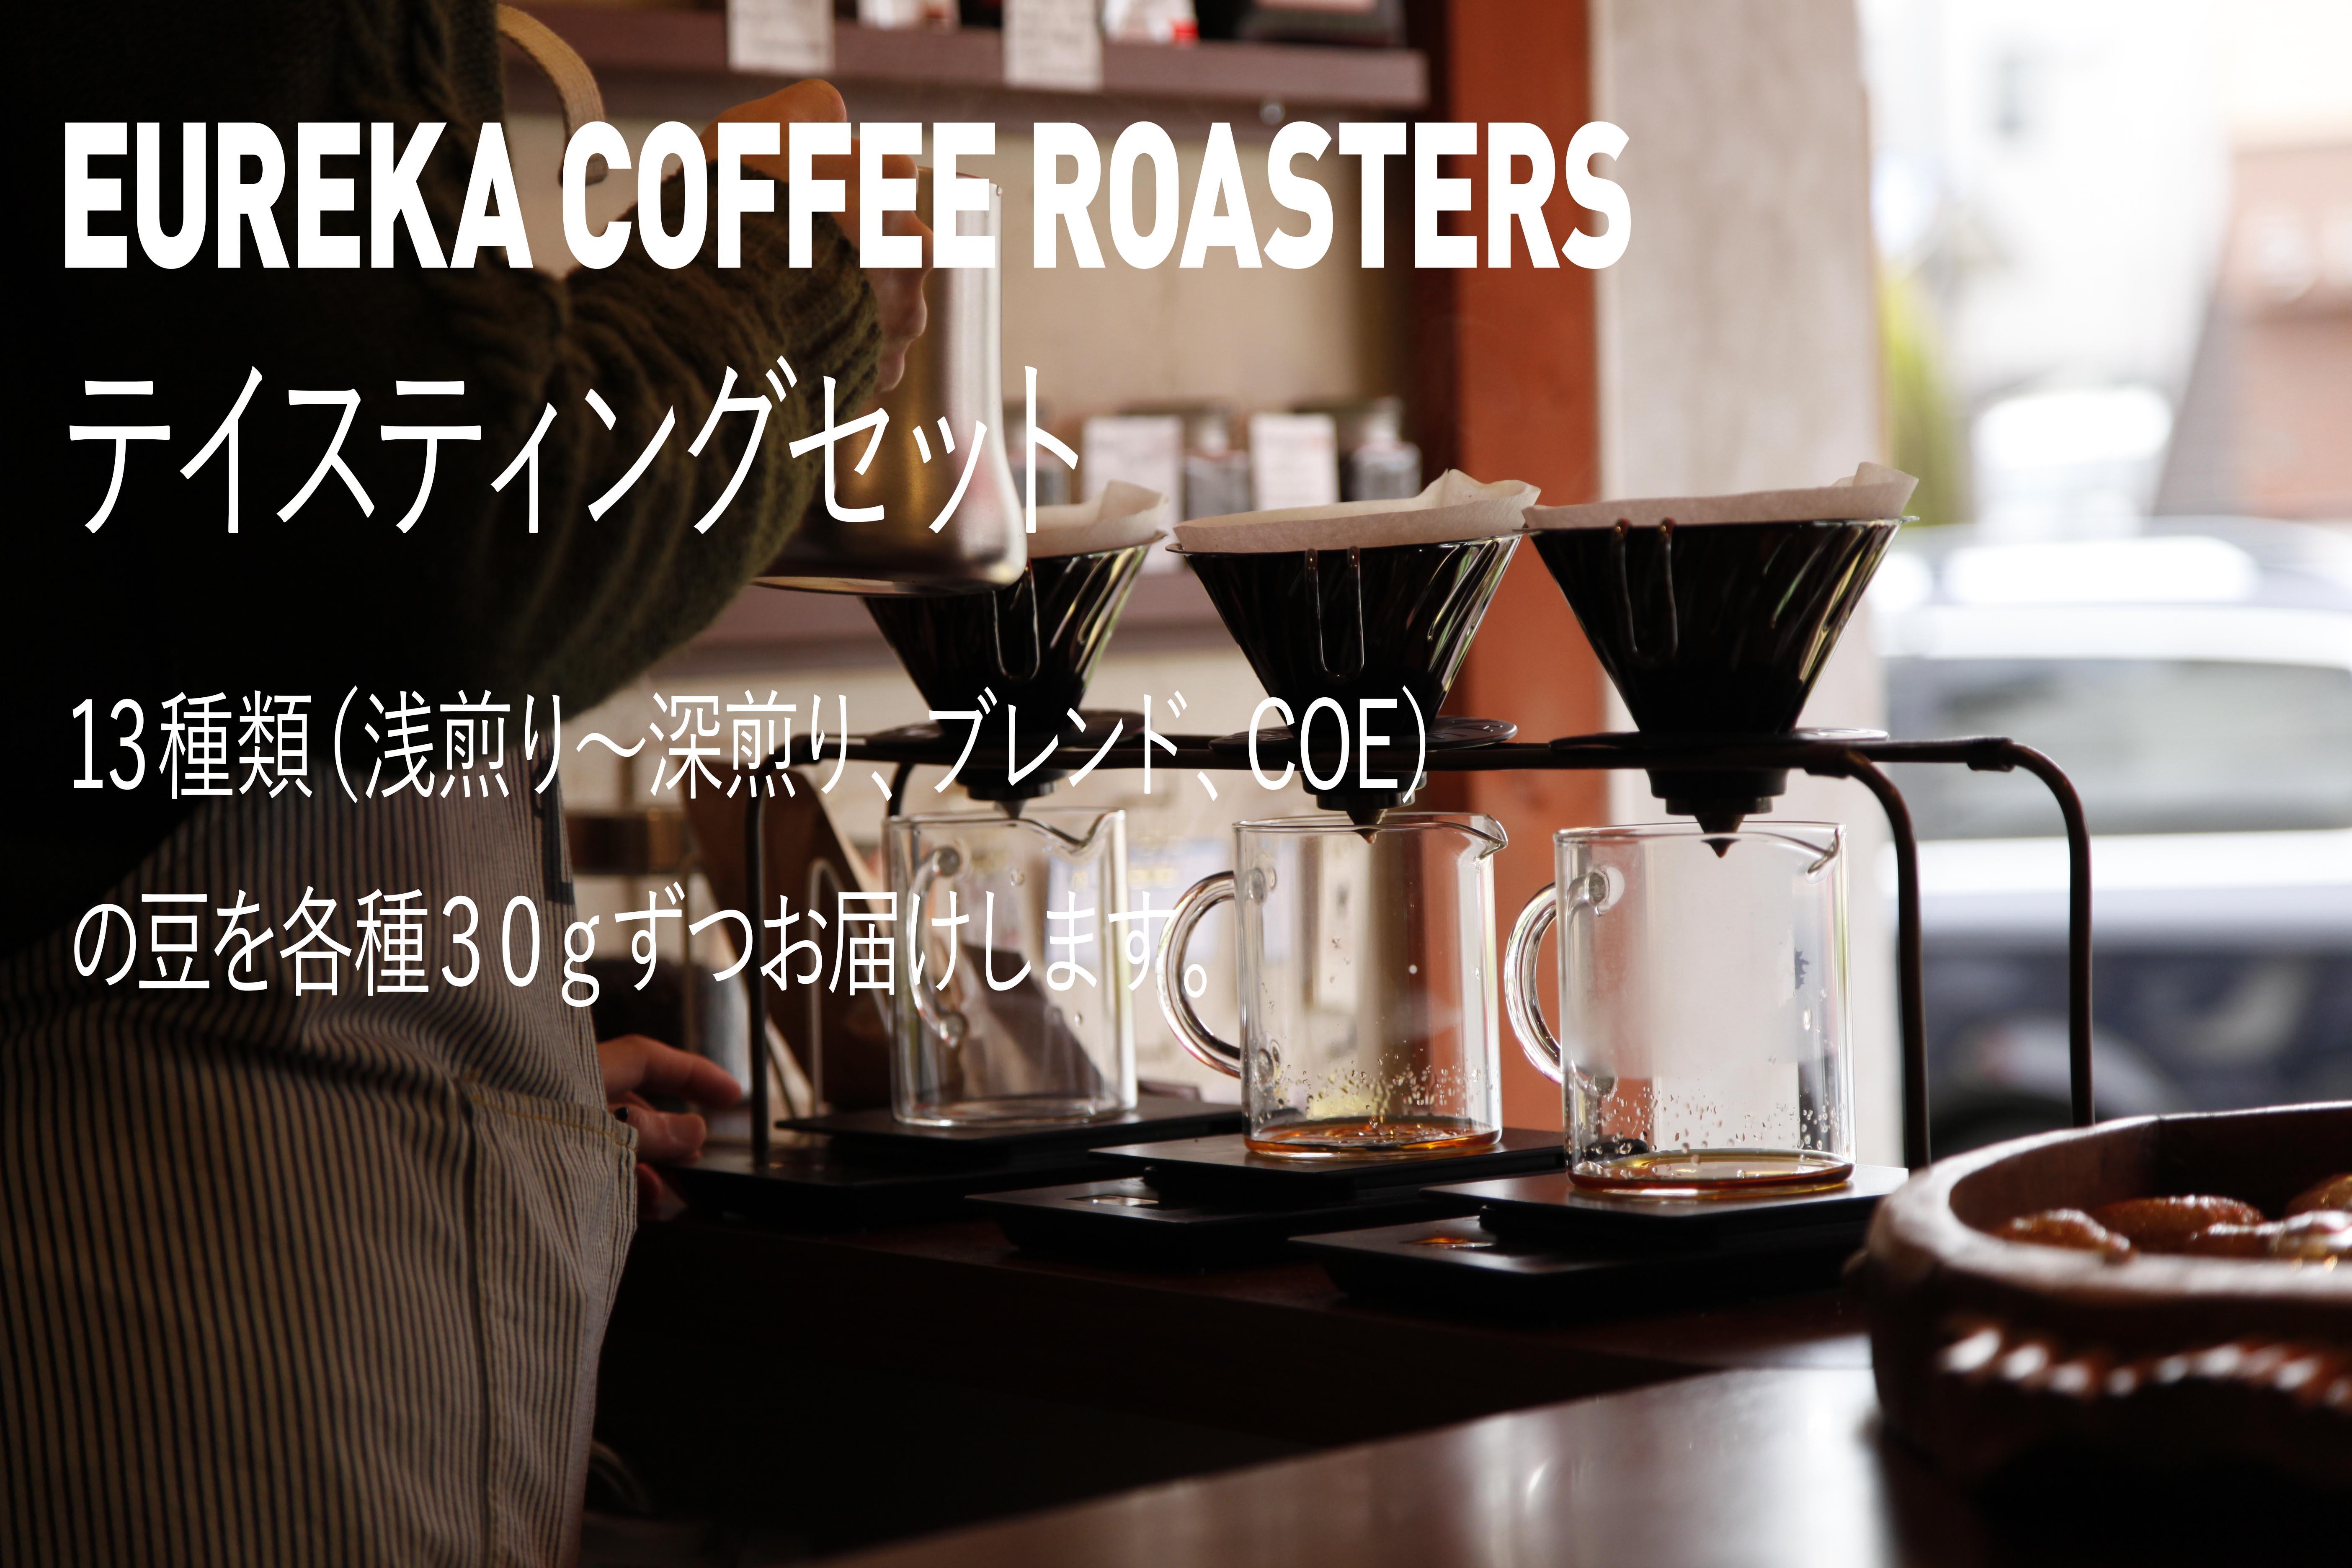 テイスティングセット コーヒー13種類×30g